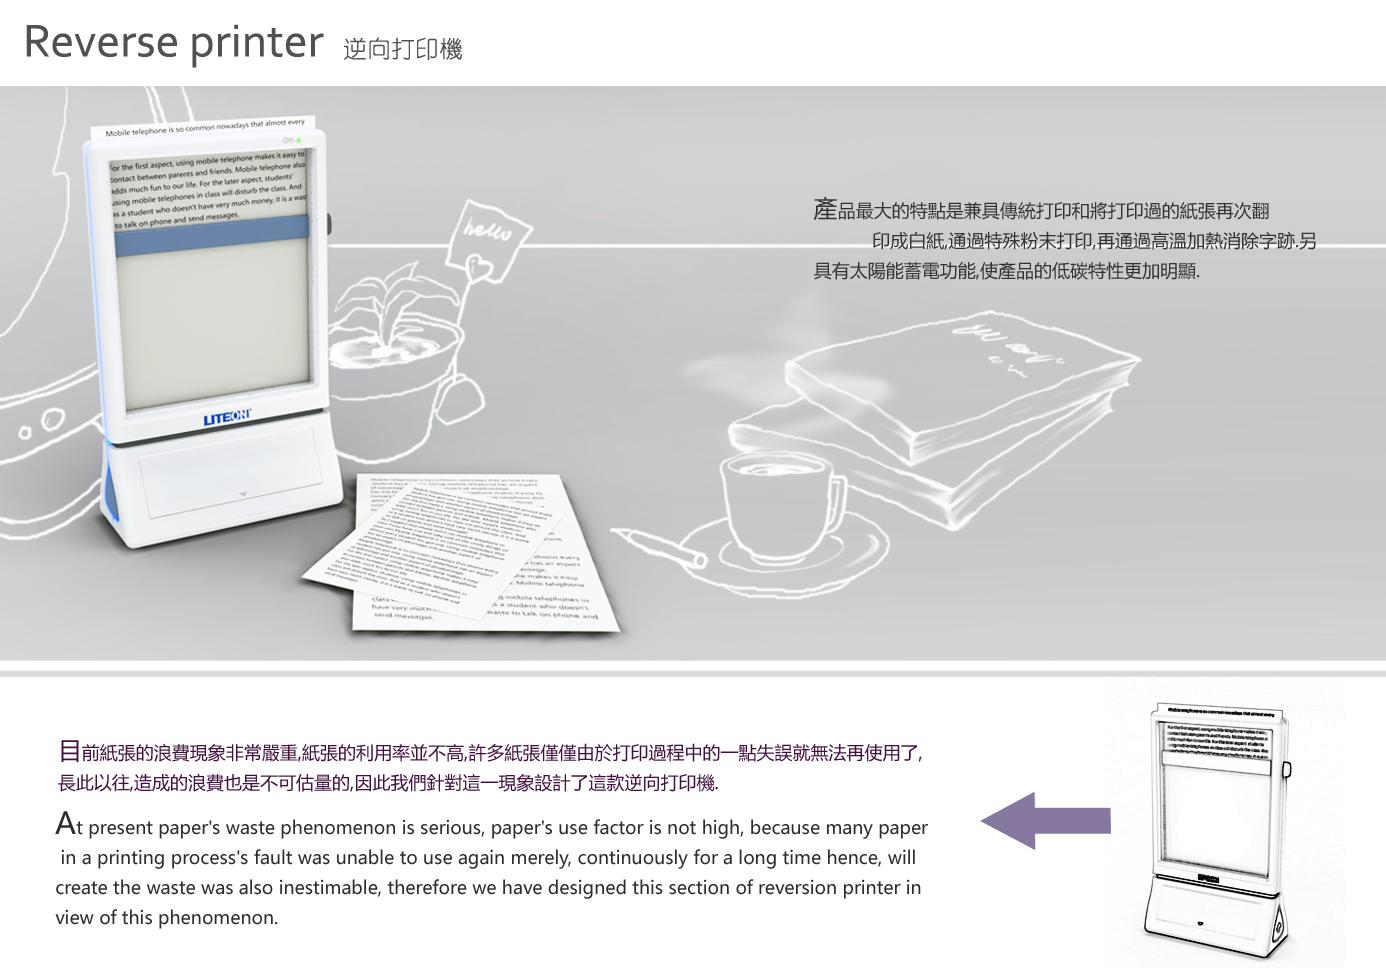 逆向打印机,反向思维,将有字的纸张打印成白纸,循环利用.图片